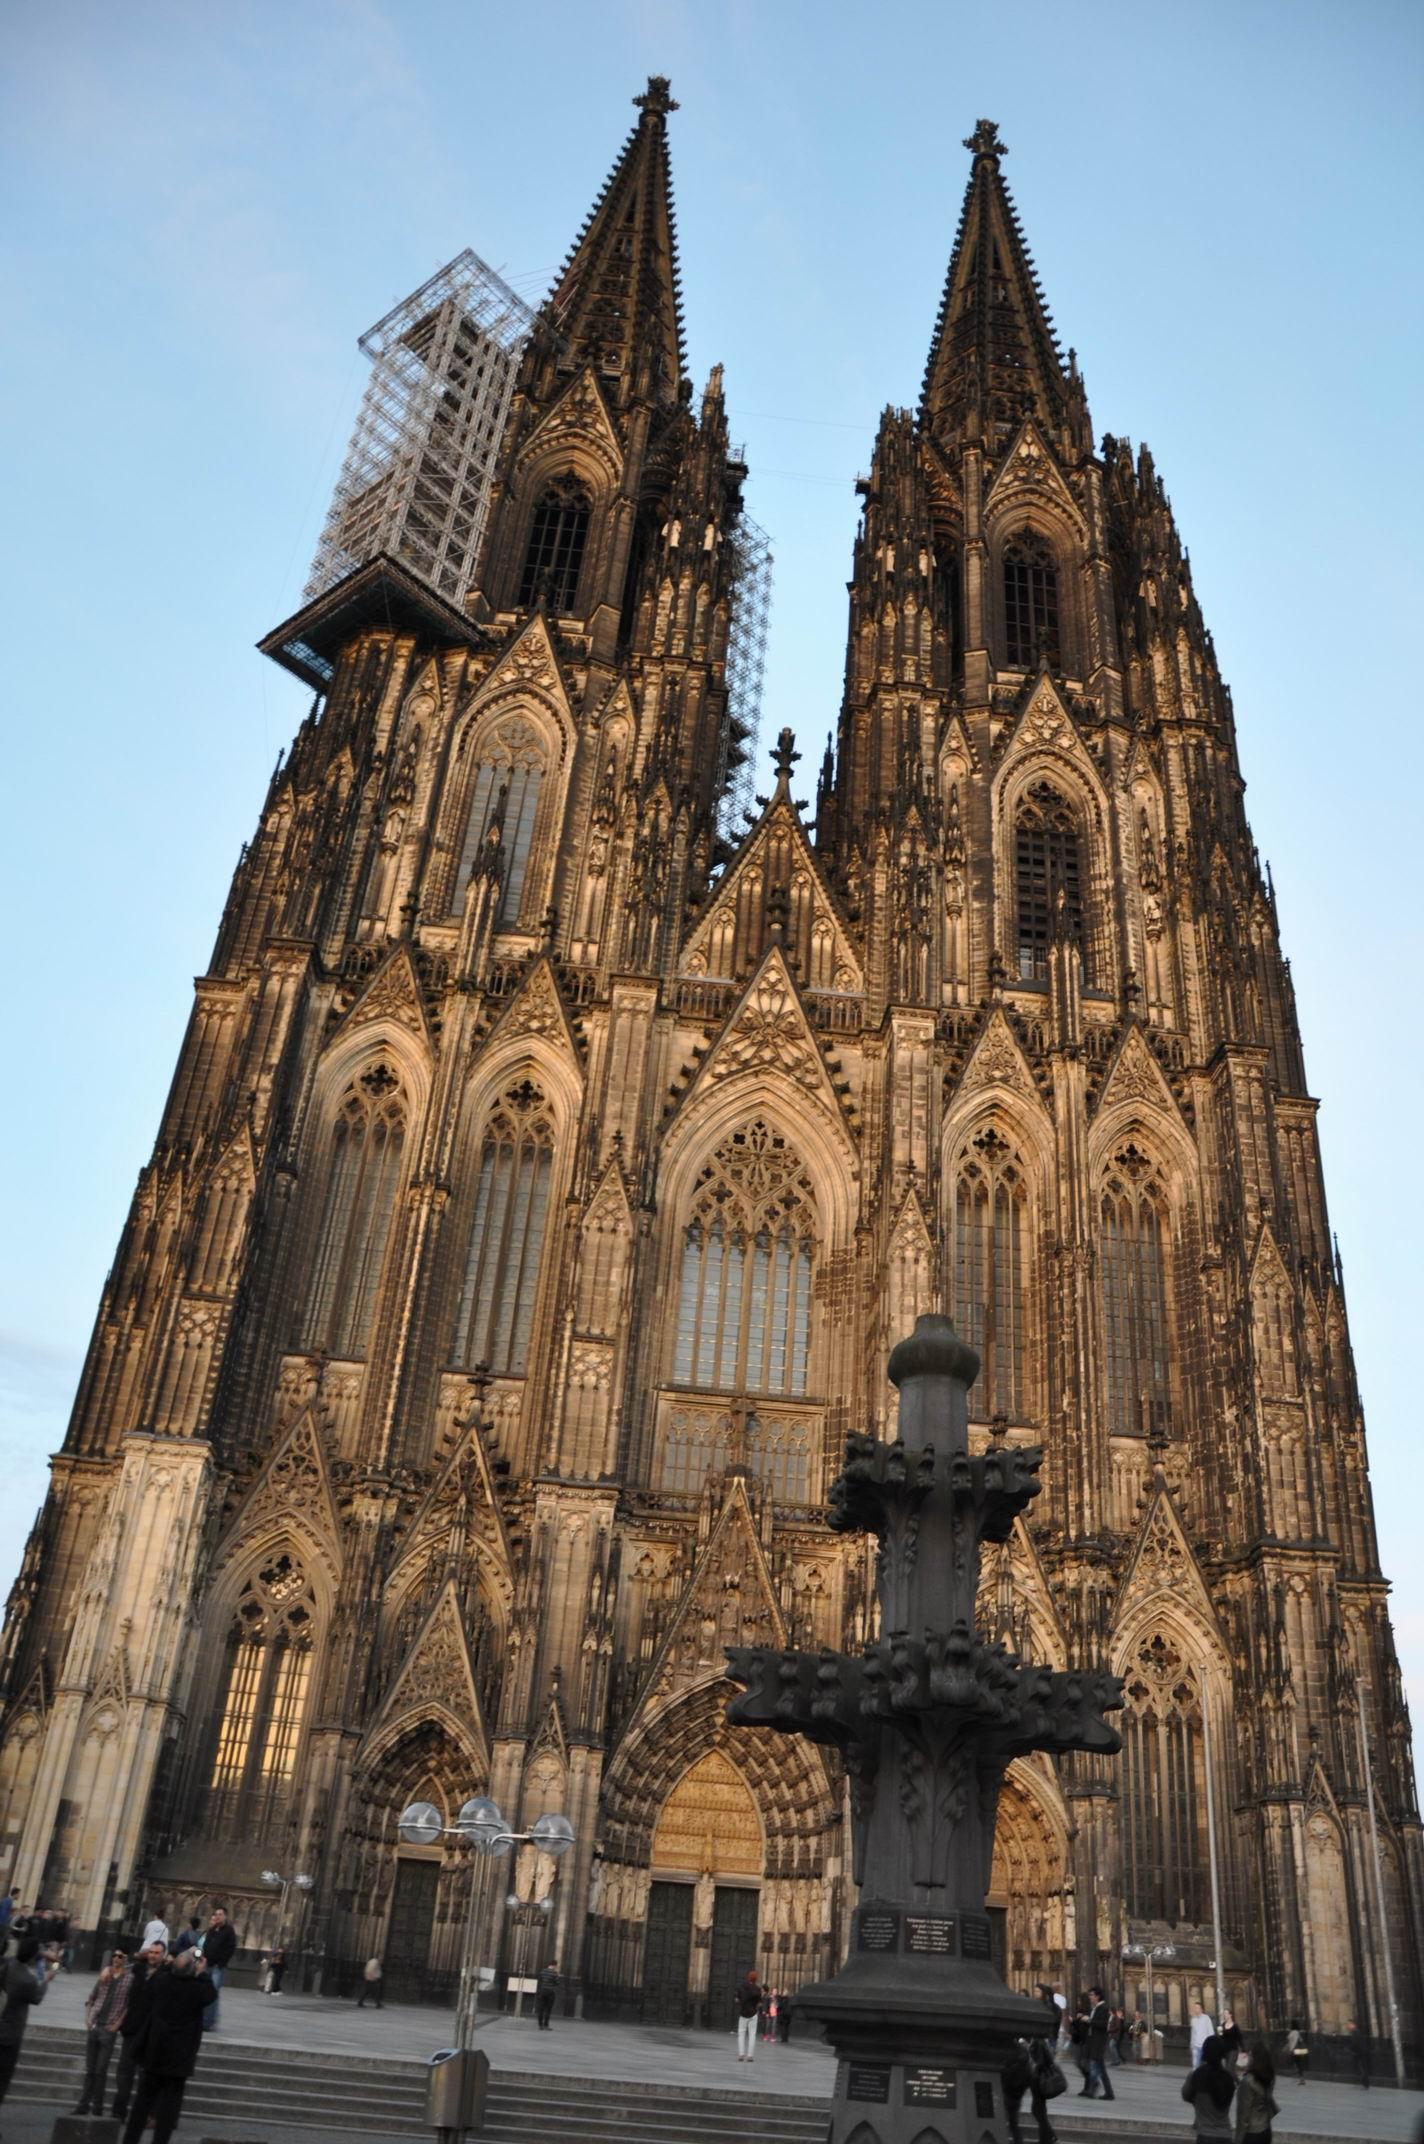 科隆大教堂是德国(欧洲北部)最大的教堂,也是世界最高的哥特式双塔图片